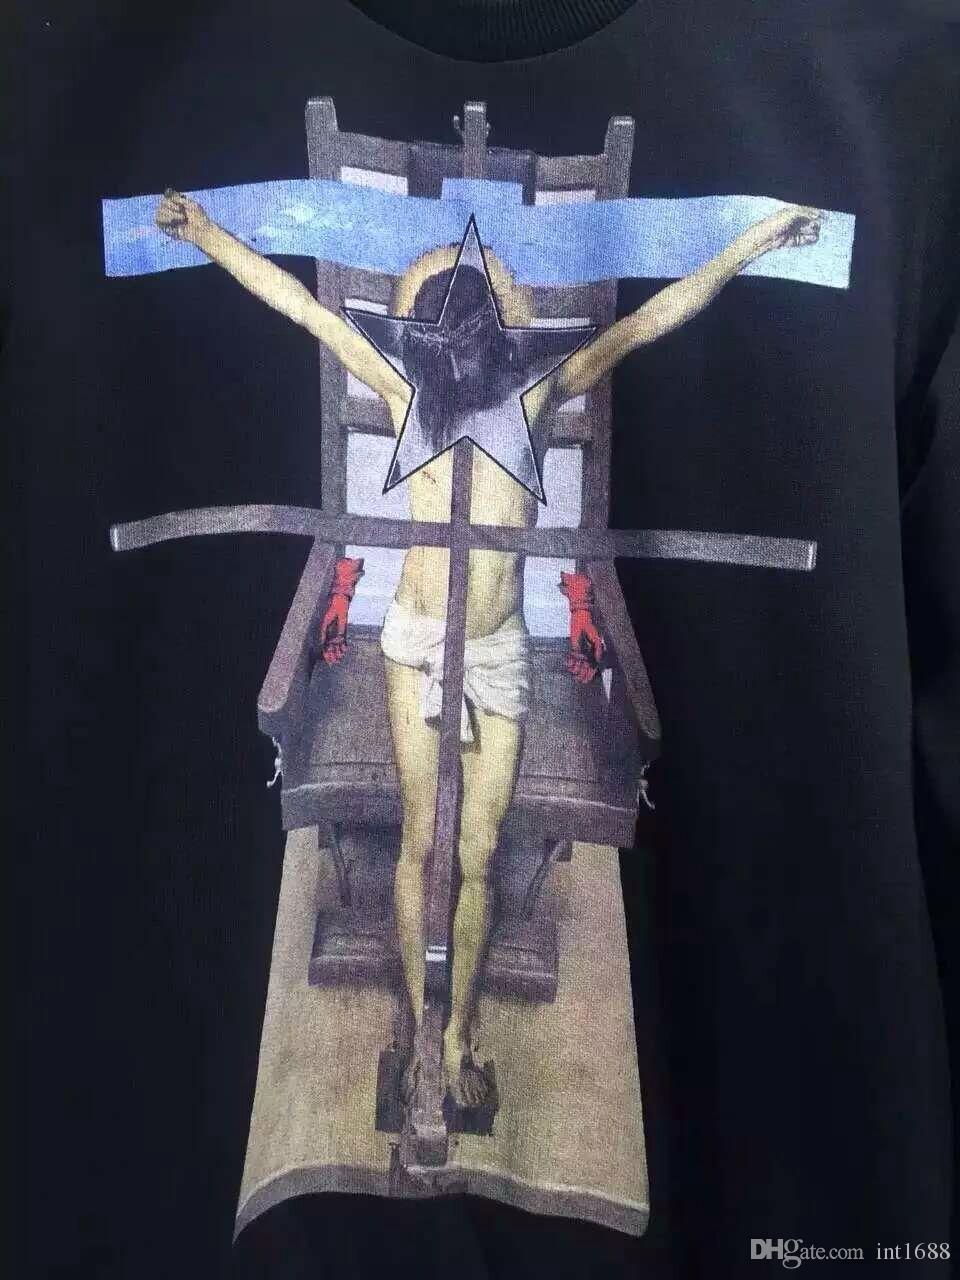 2016 جديد أزياء الرجال ماركة يسوع خمس نجوم الرجال البلوز هوديي القطن طويل الأكمام الرجال الرياضية هوديي البلوز